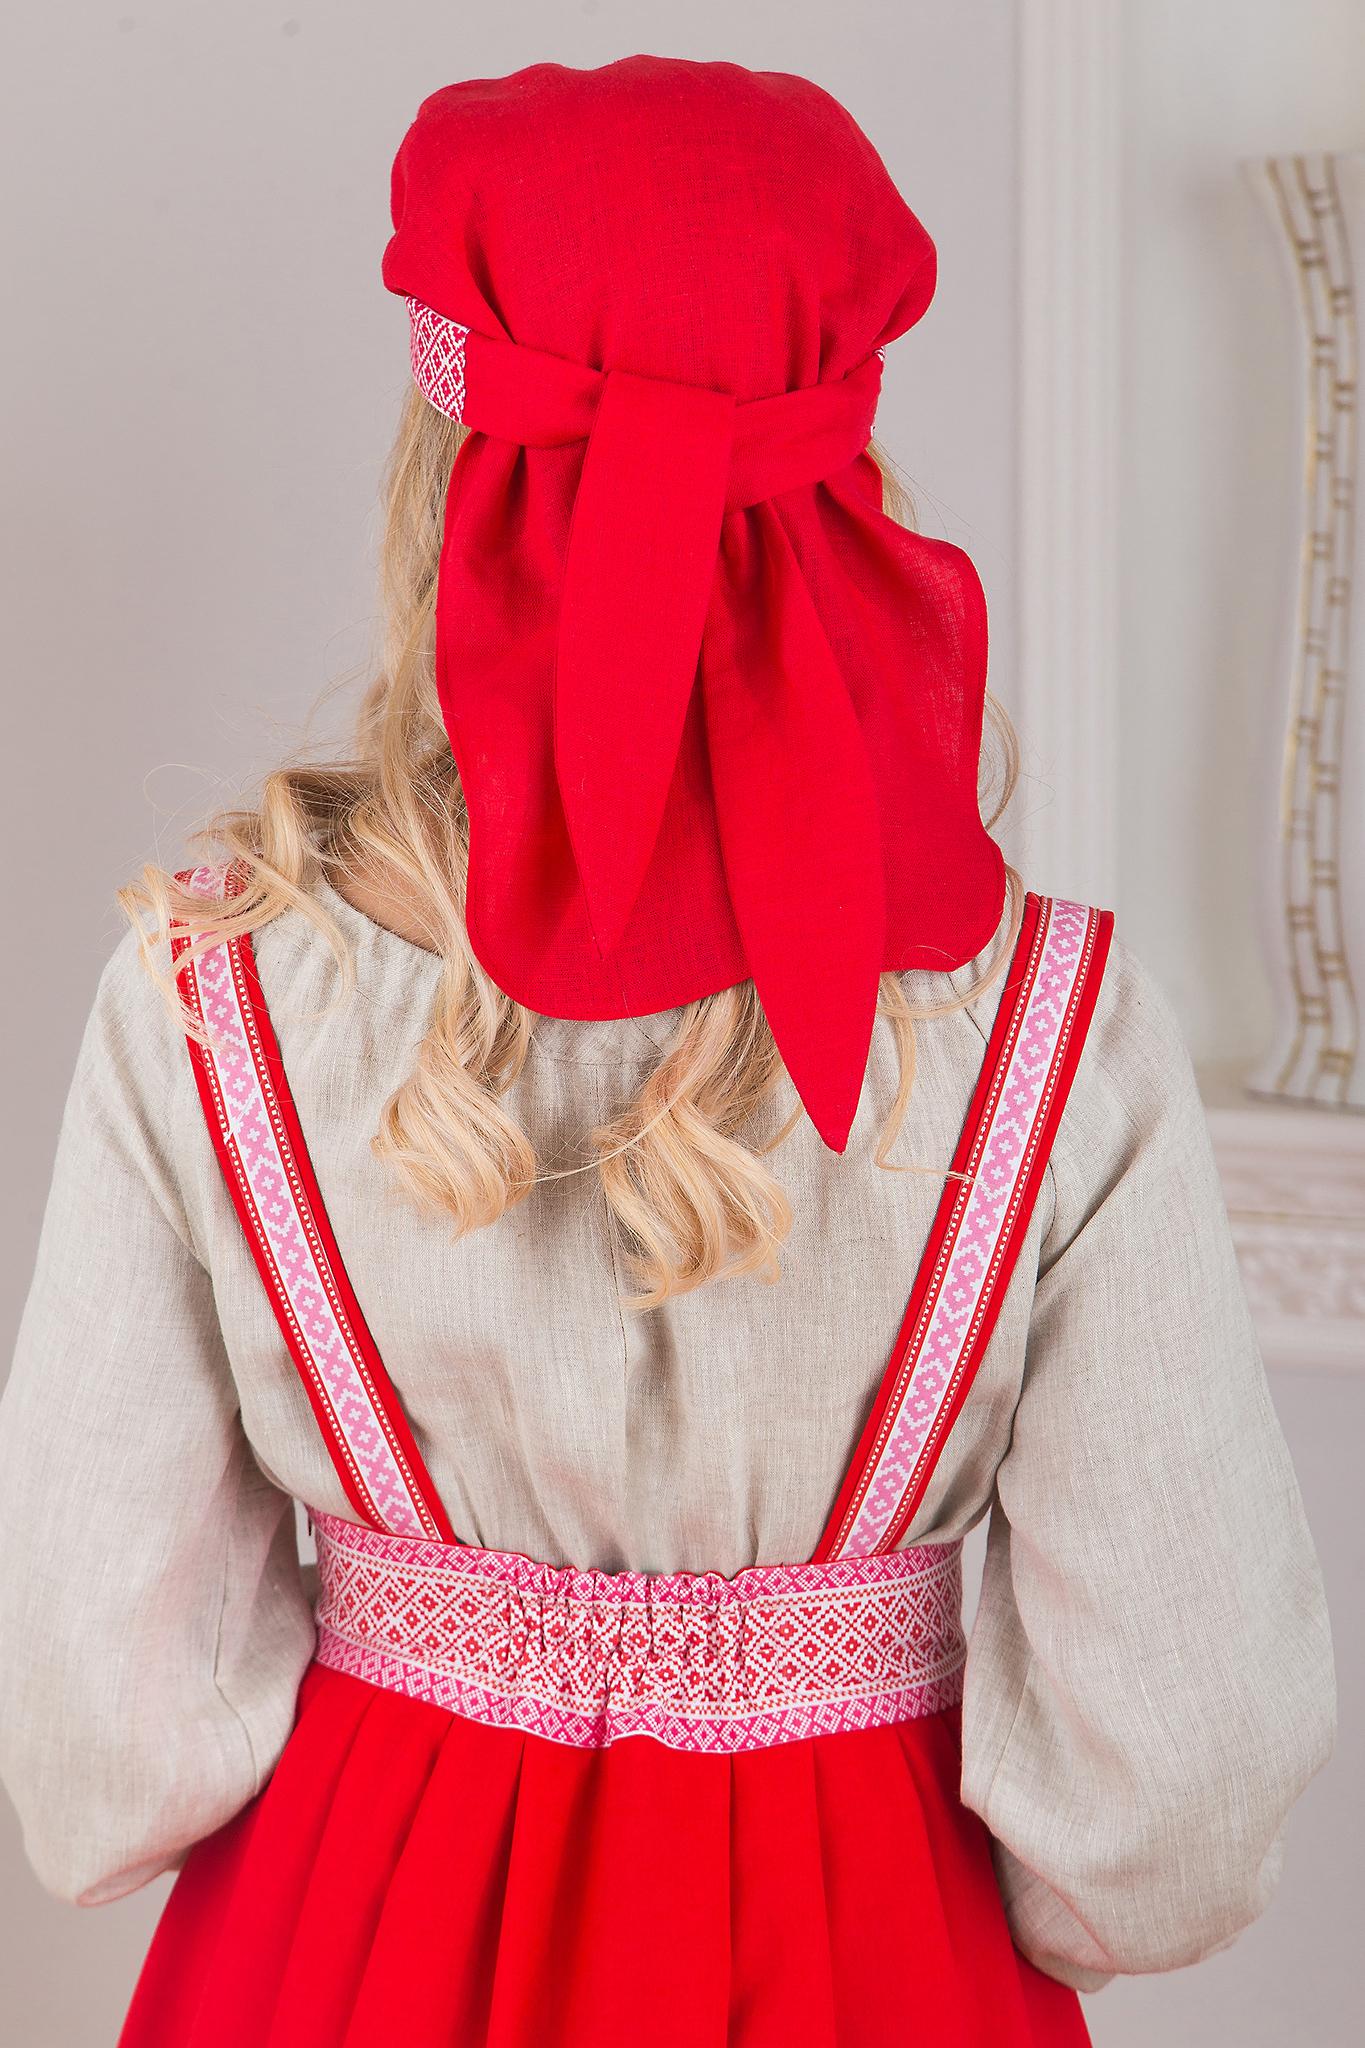 Сарафан подгрудный Орепей красный сзади приближенный фрагмент